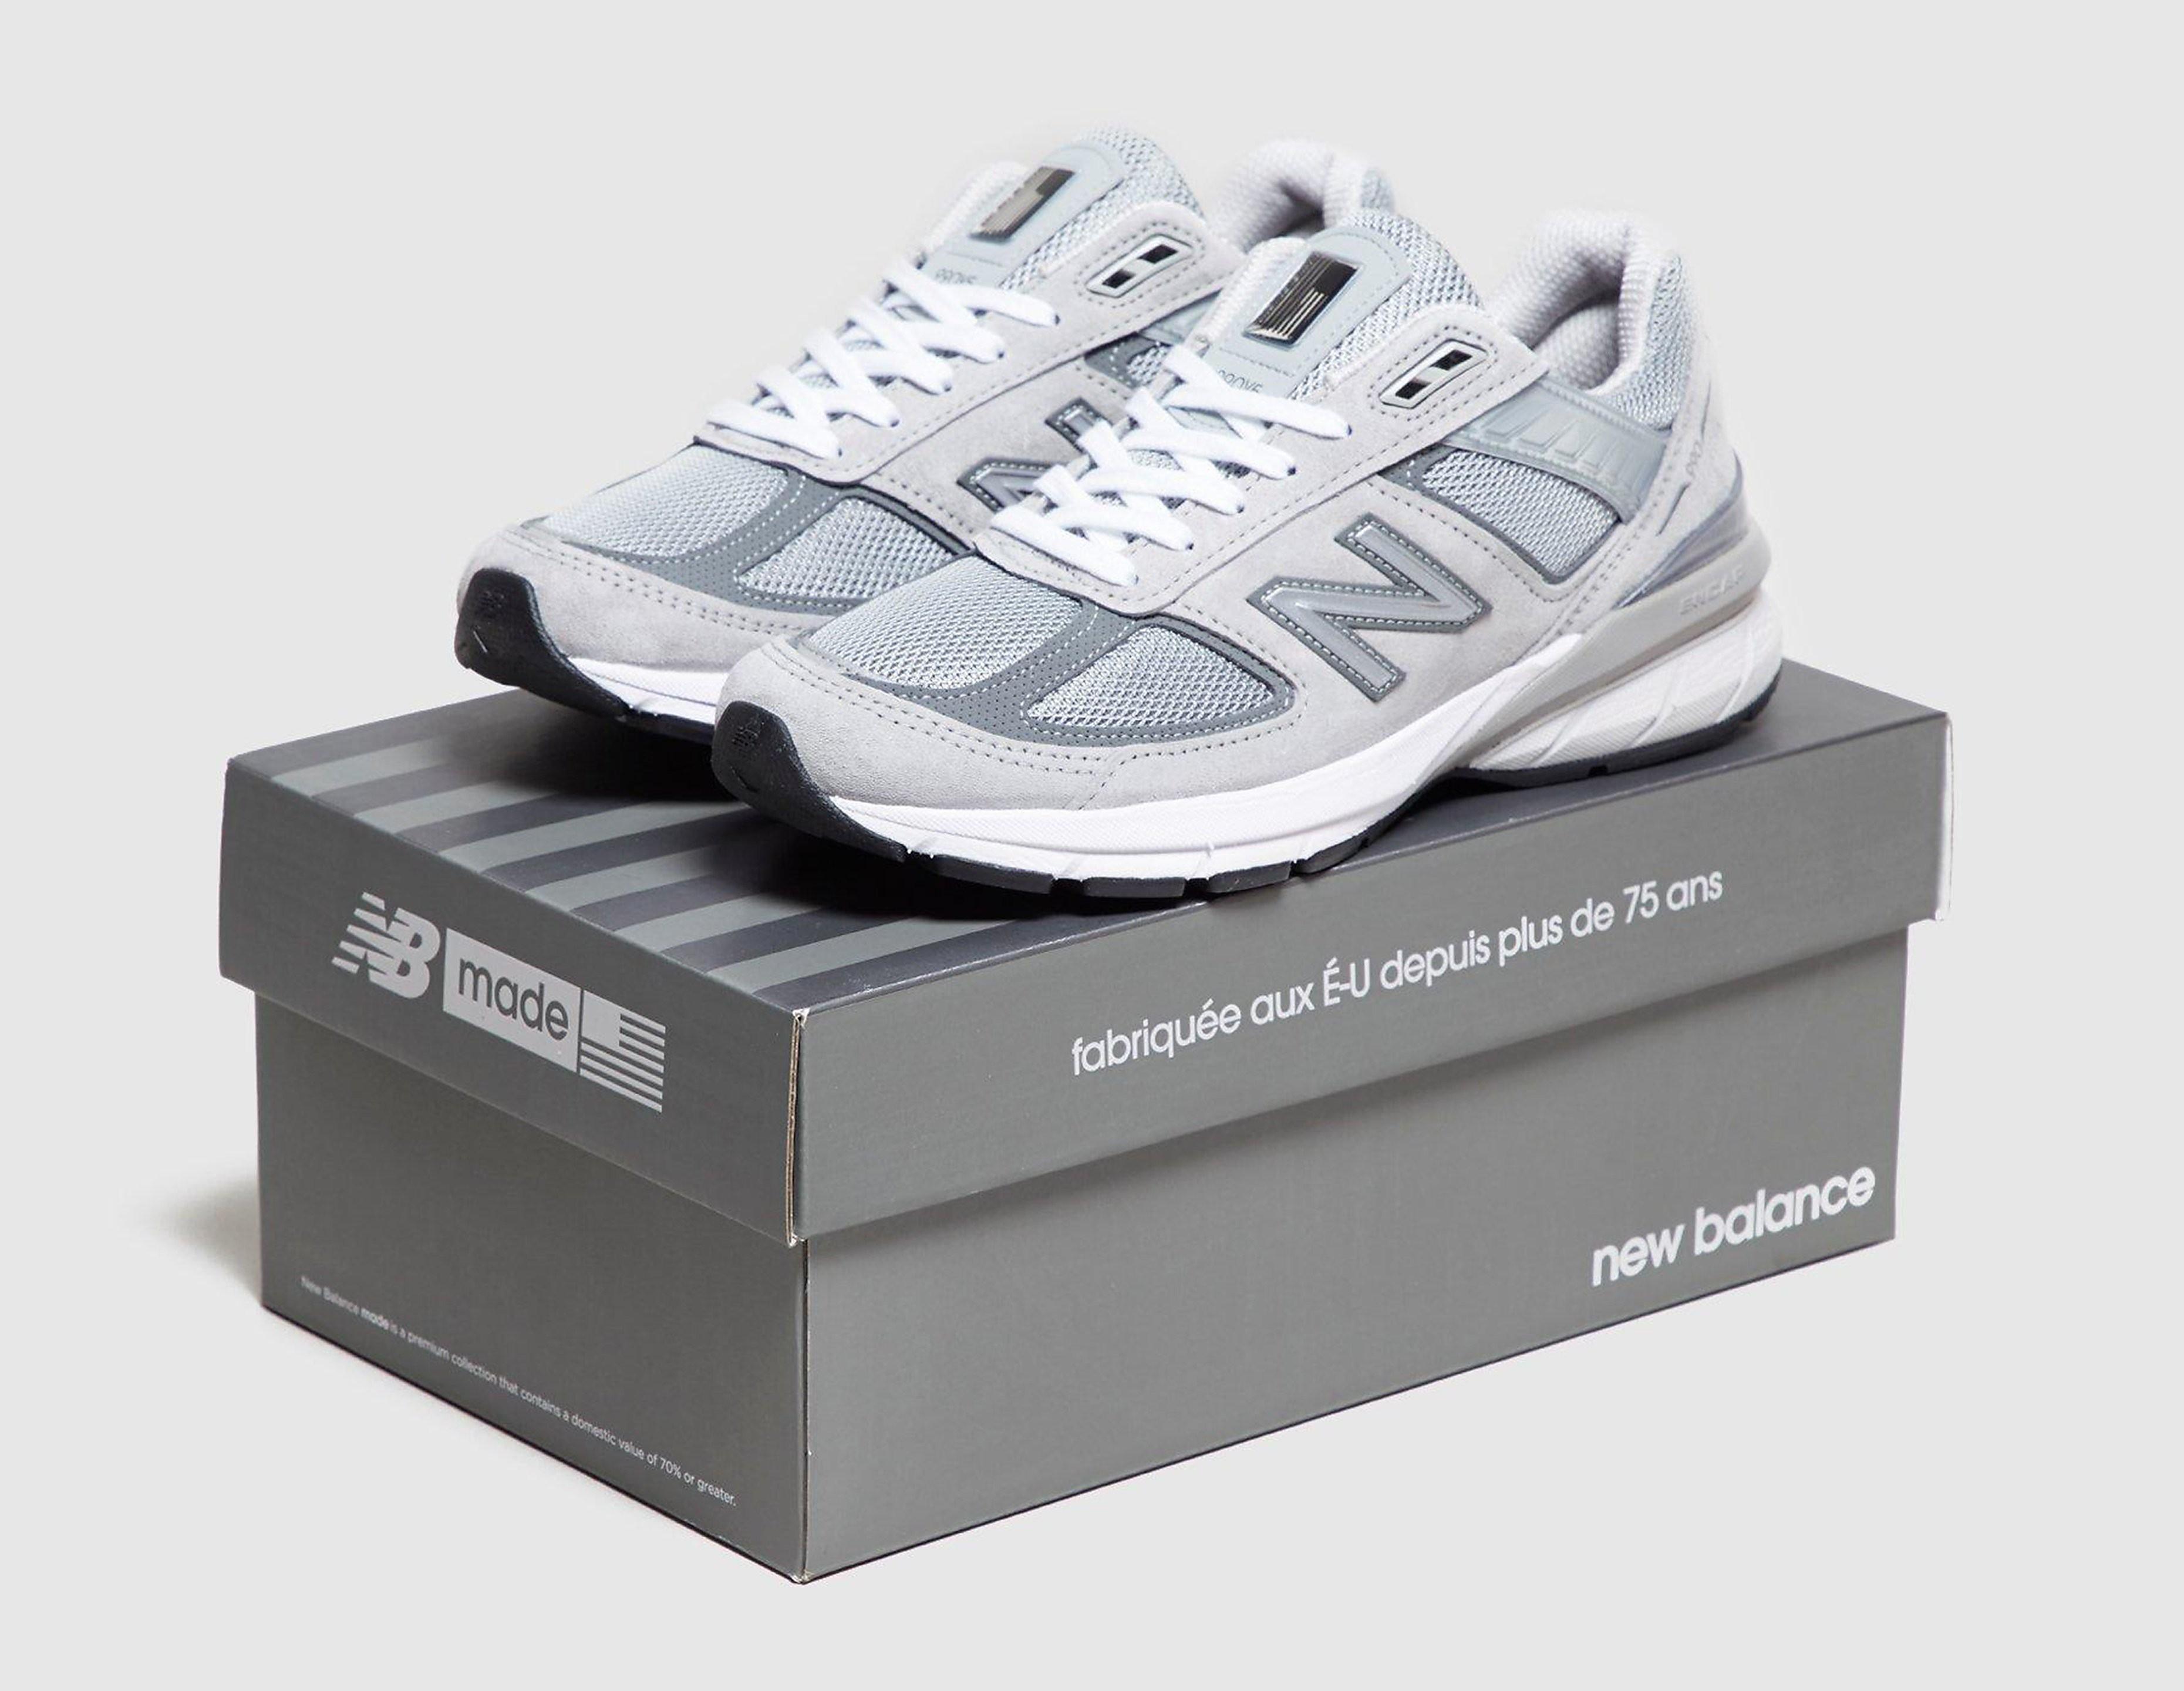 بعناية إسبانيا بالنسبة الى boite chaussure new balance ...